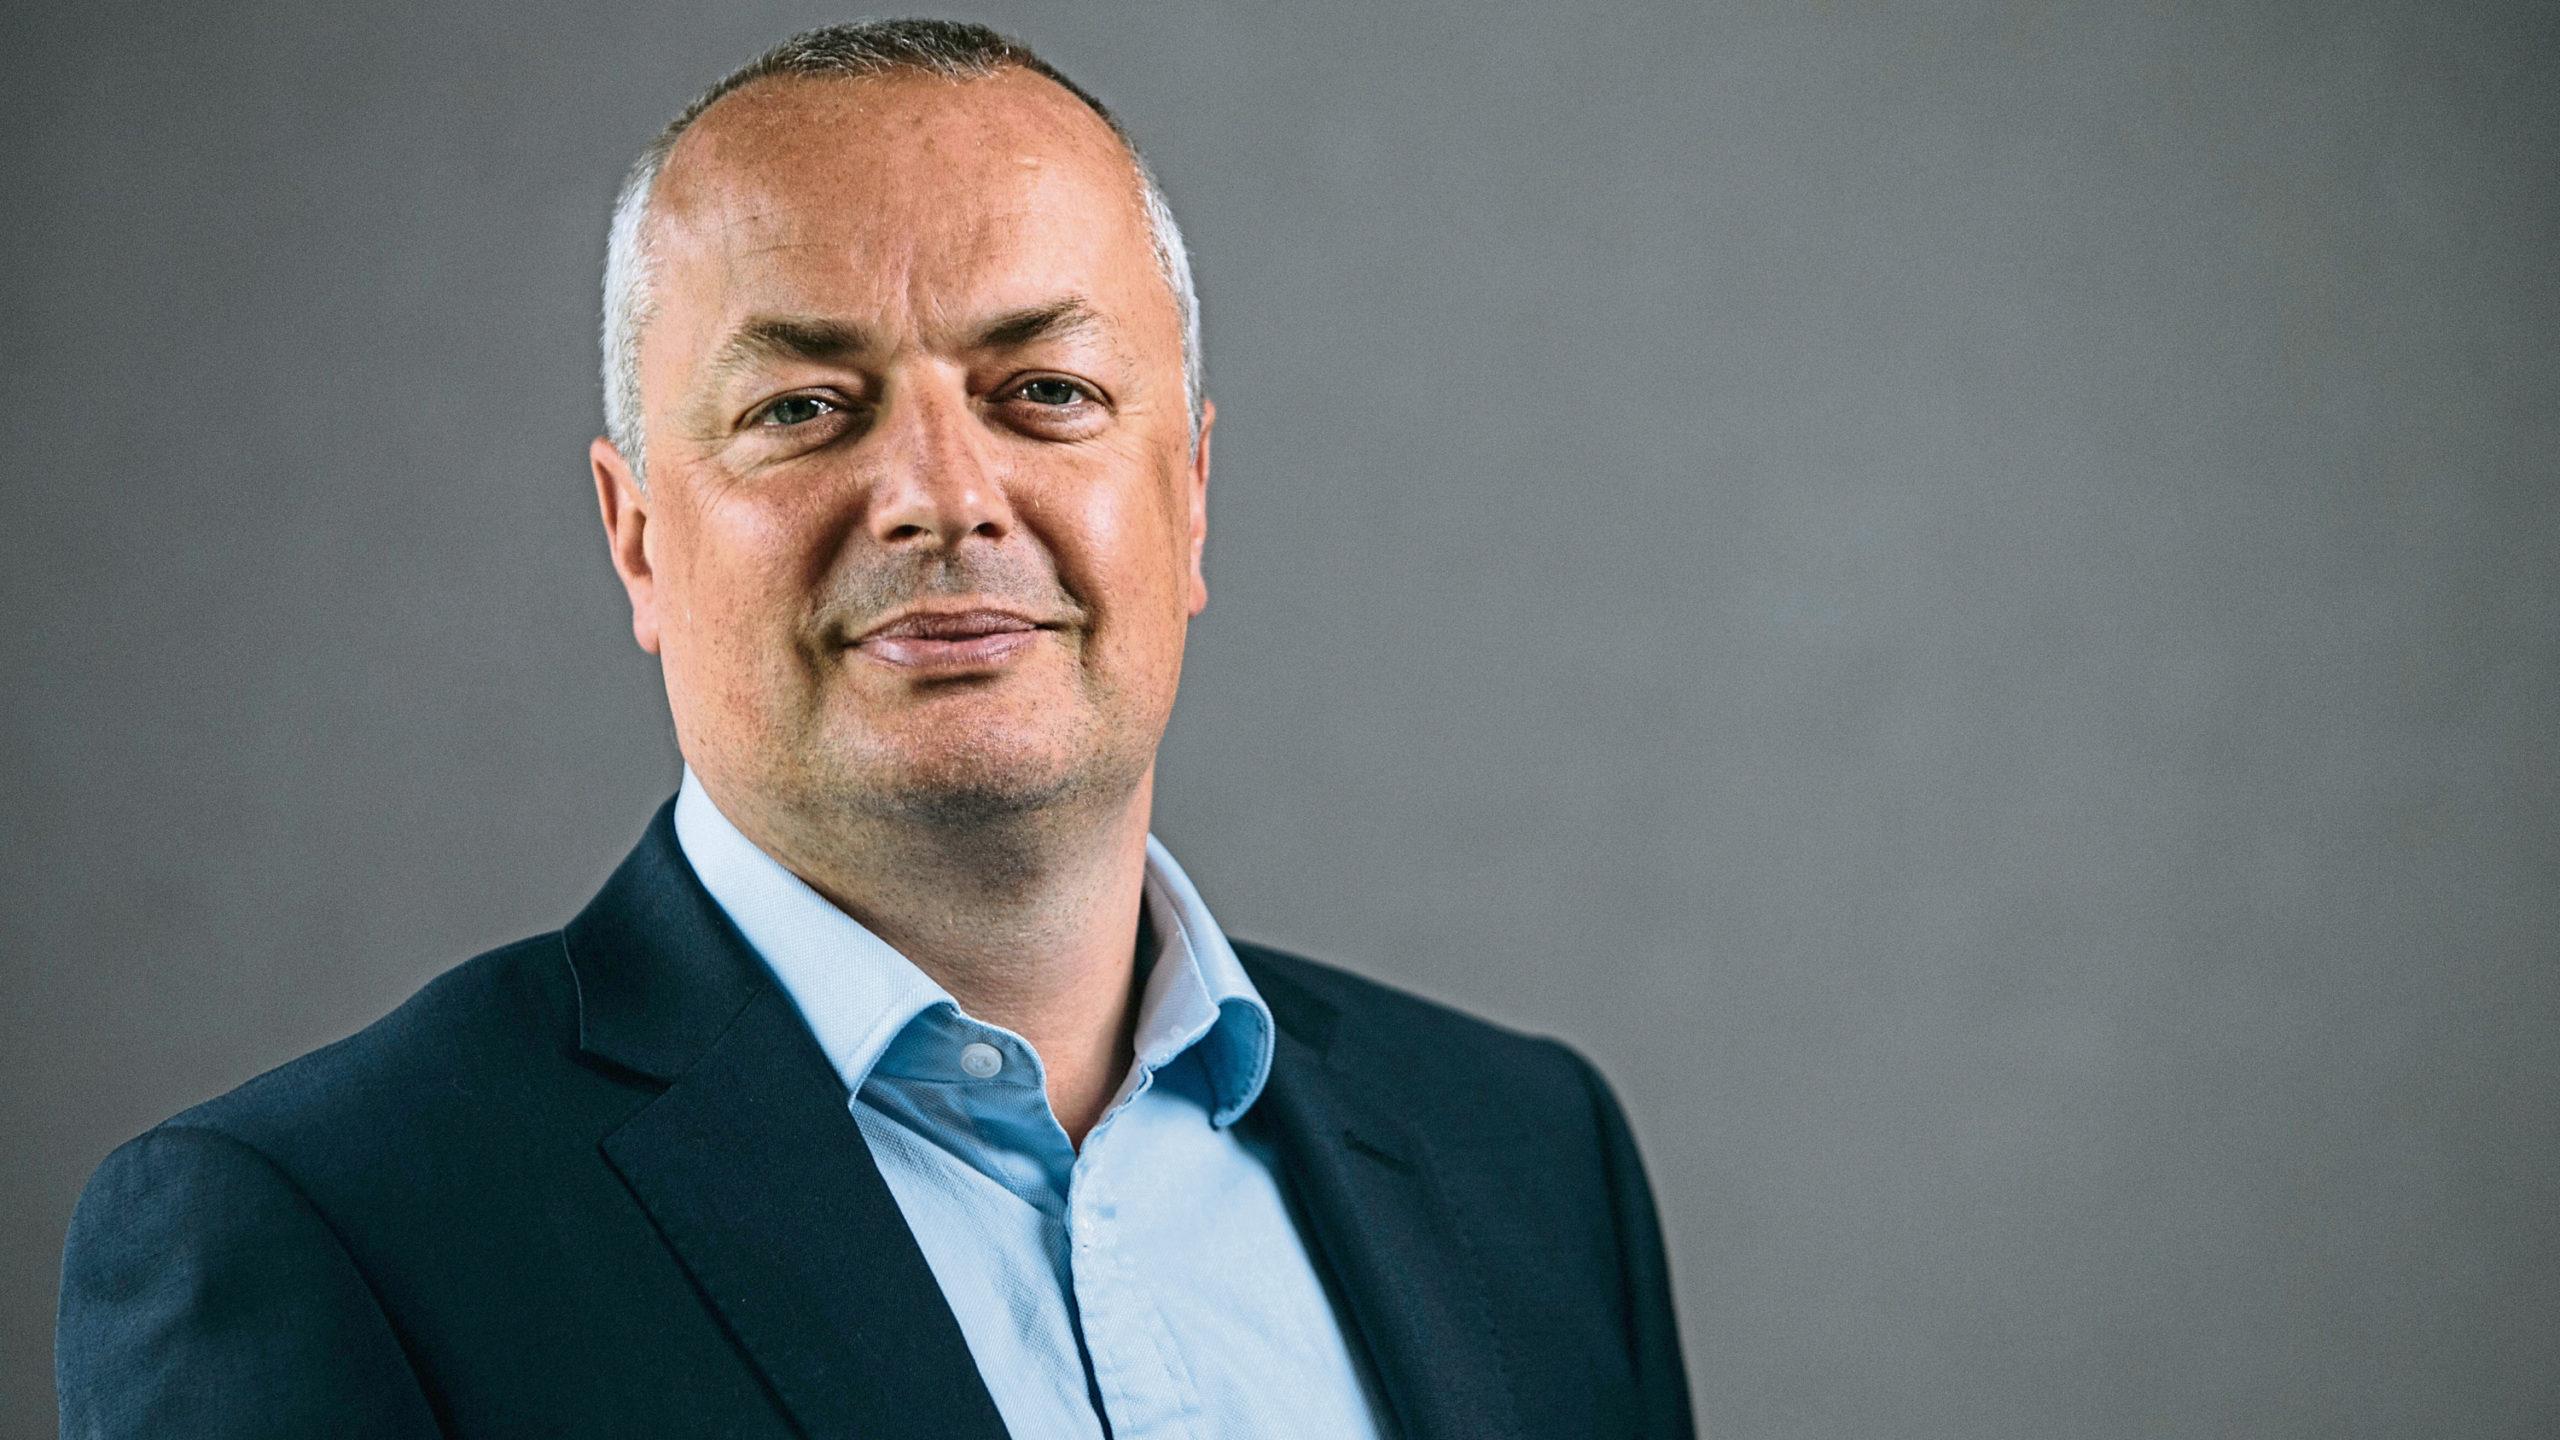 Managing Director of Bancon Homes, Allan Clow.